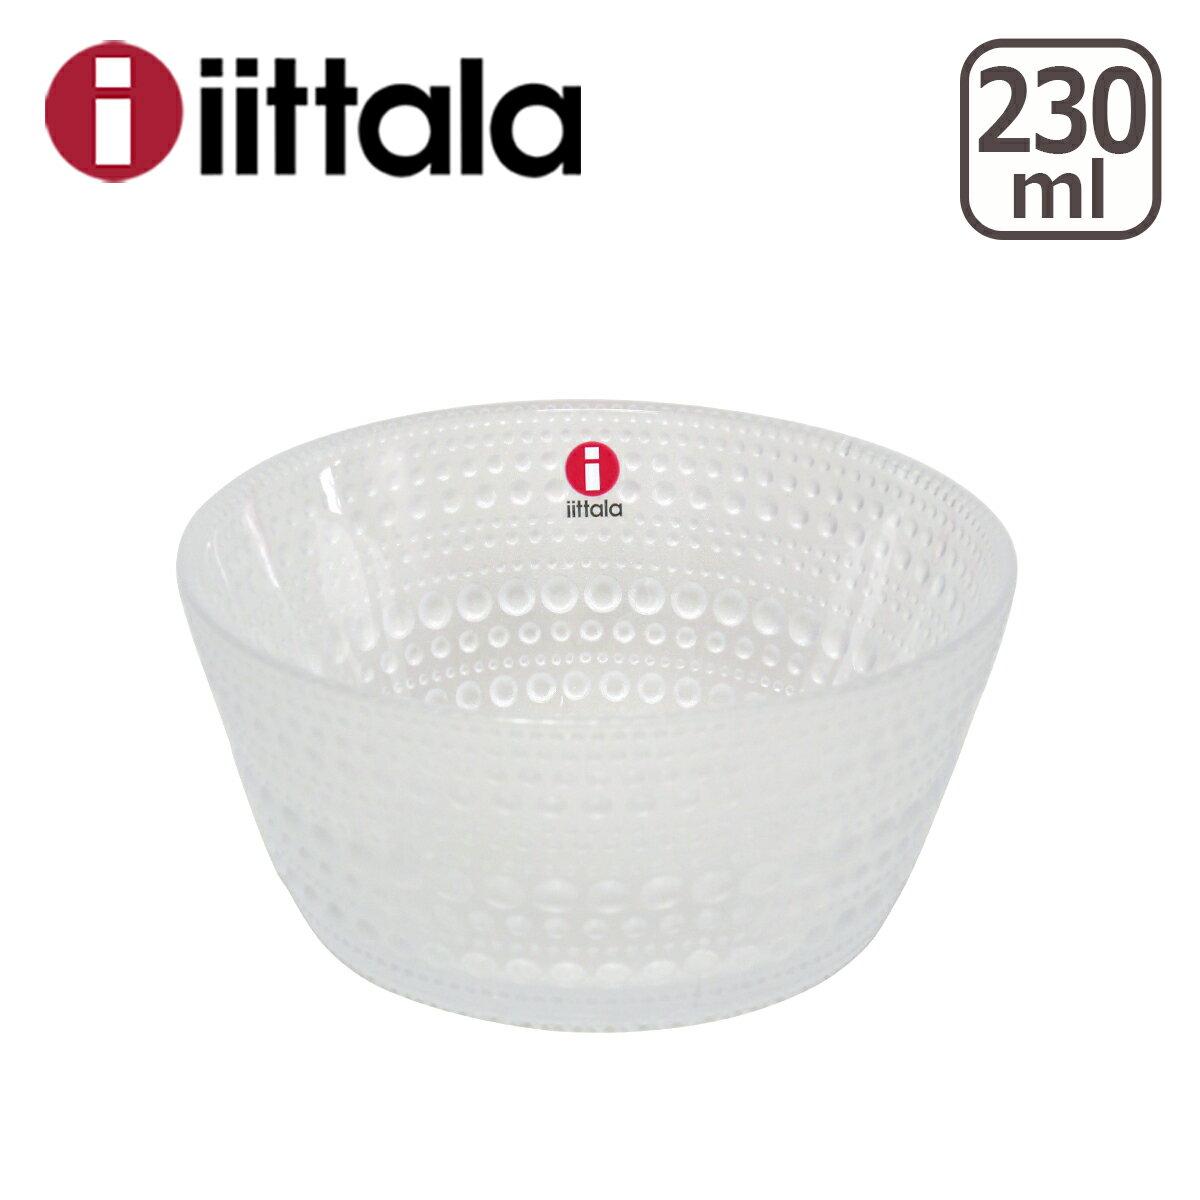 イッタラ カステヘルミ iittala (KASTEHELMI) ボウル 230ml MATT FROSTED(マットフロスト) ガラス ボウル イッタラ/ittala 北欧 フィンランド 食器